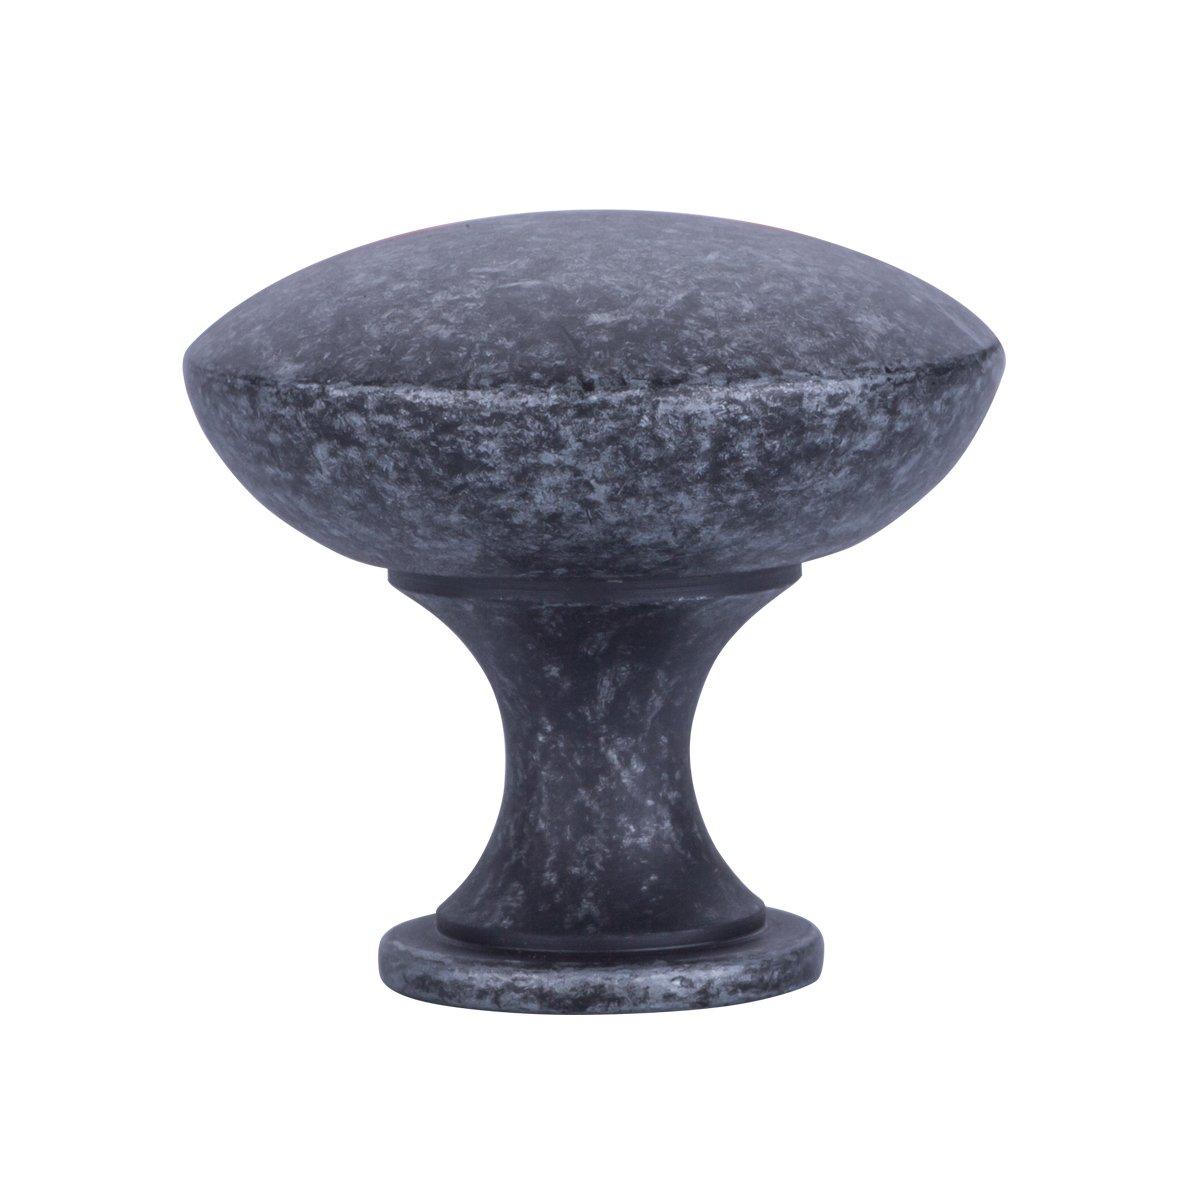 Basics Lot de 25 boutons de placard ronds Bronze huil/é Diam/ètre de 3,98 cm